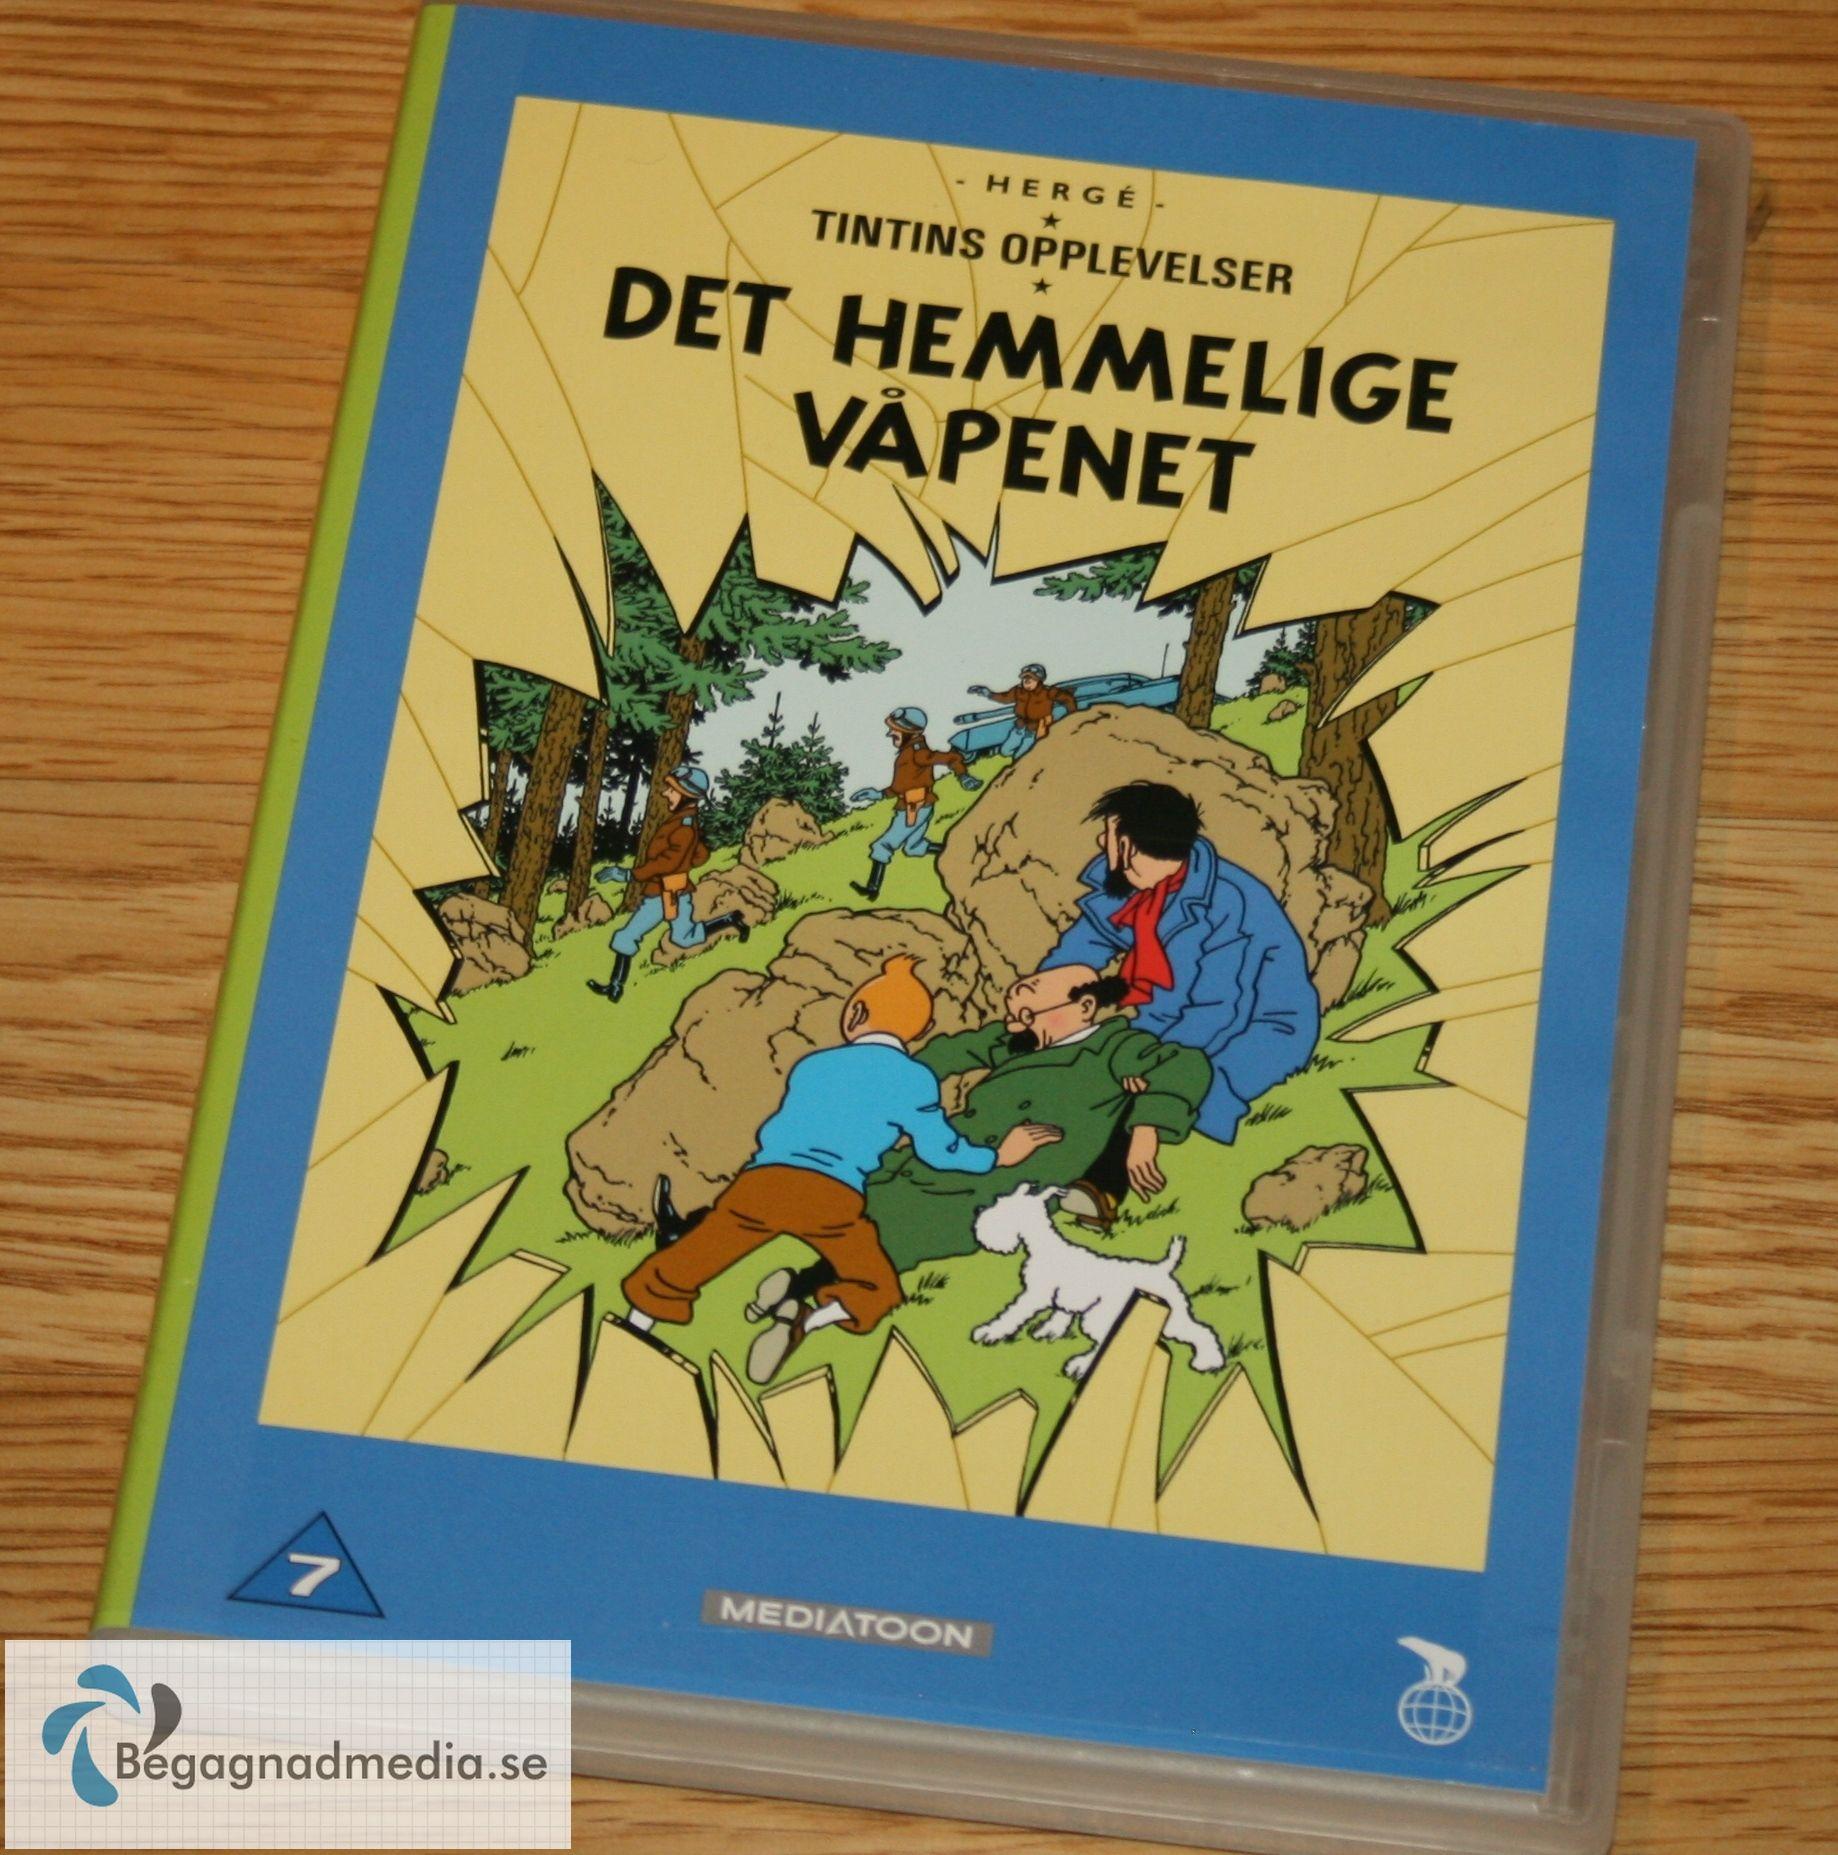 #Tintin#Det#Hemmelige#Vapenet#Dvd